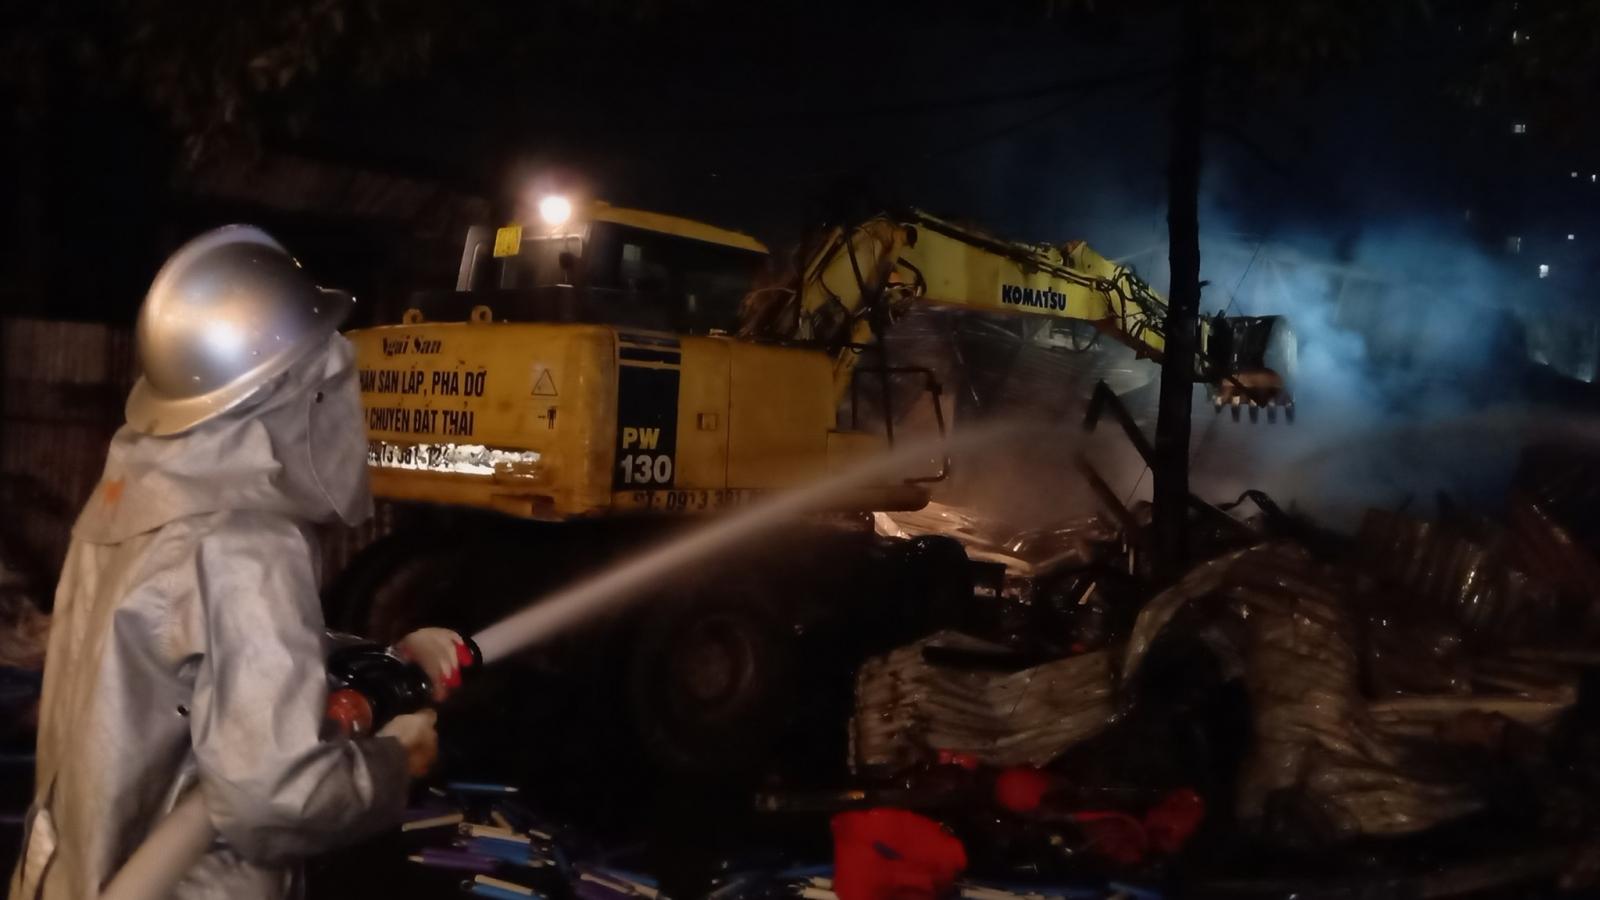 Gần 100 cảnh sát chữa cháyđến cứukho chứa hàng từng bị xử lý vi phạm